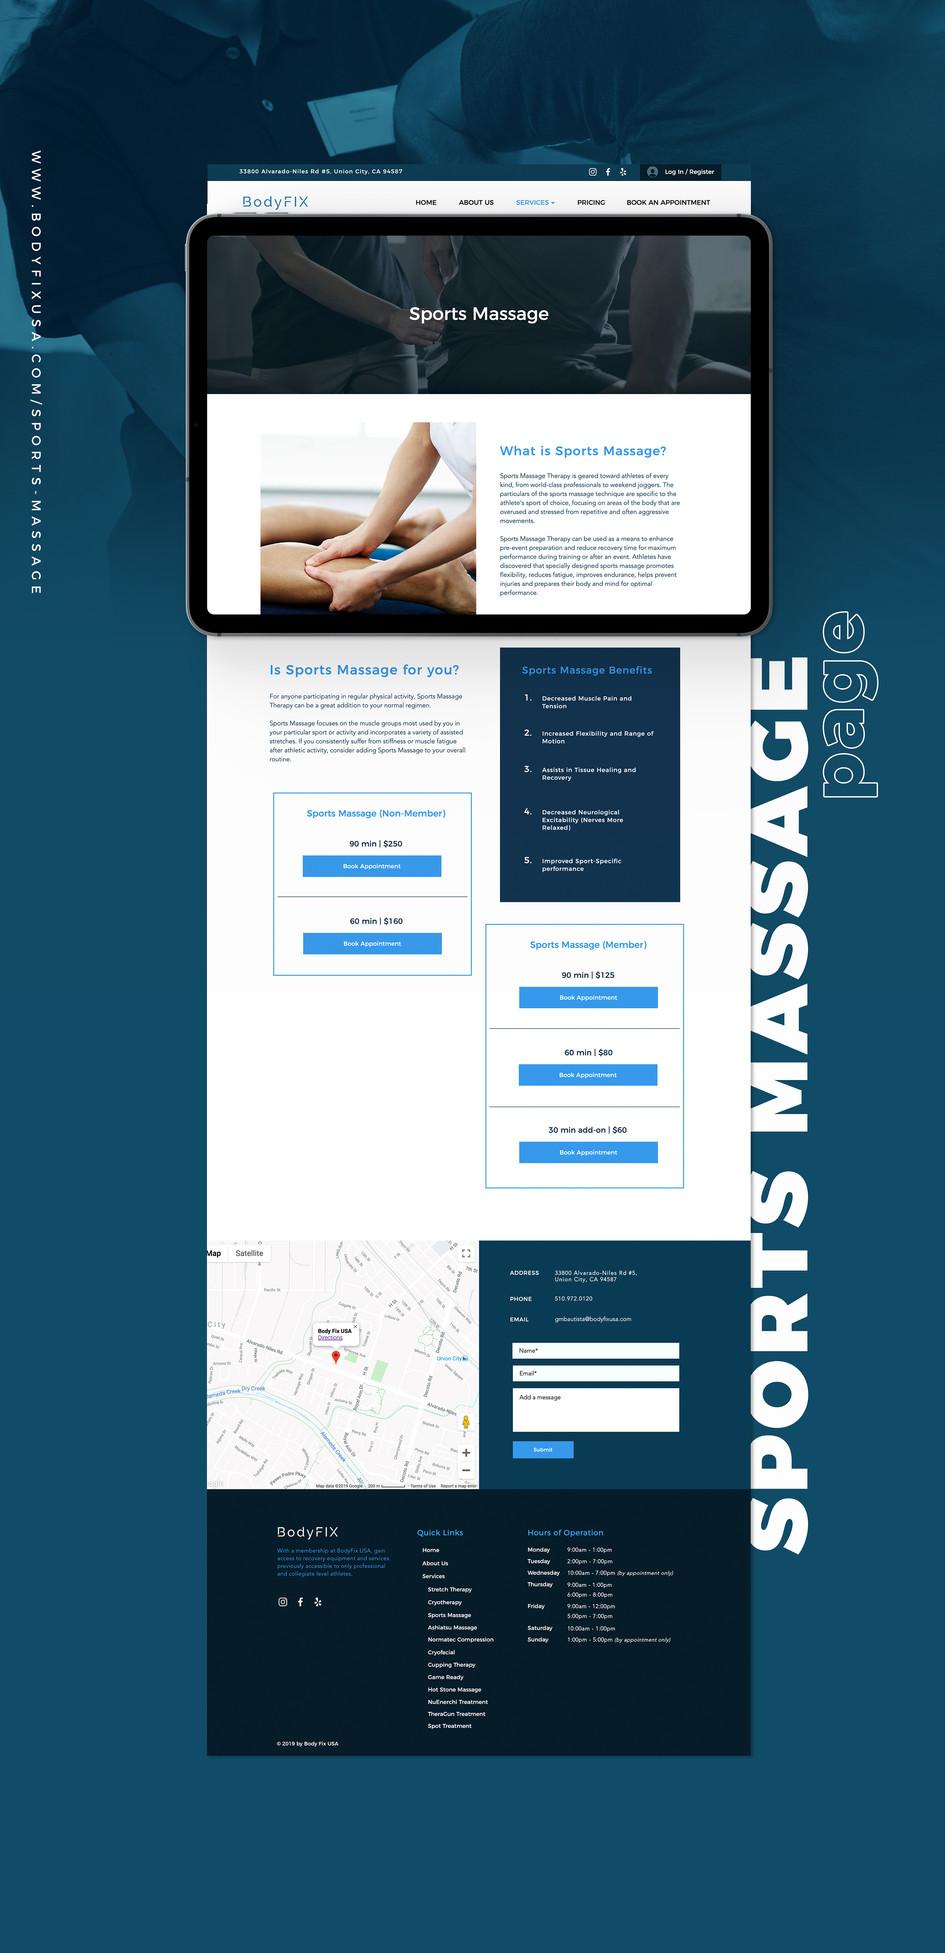 Sports Massage Page